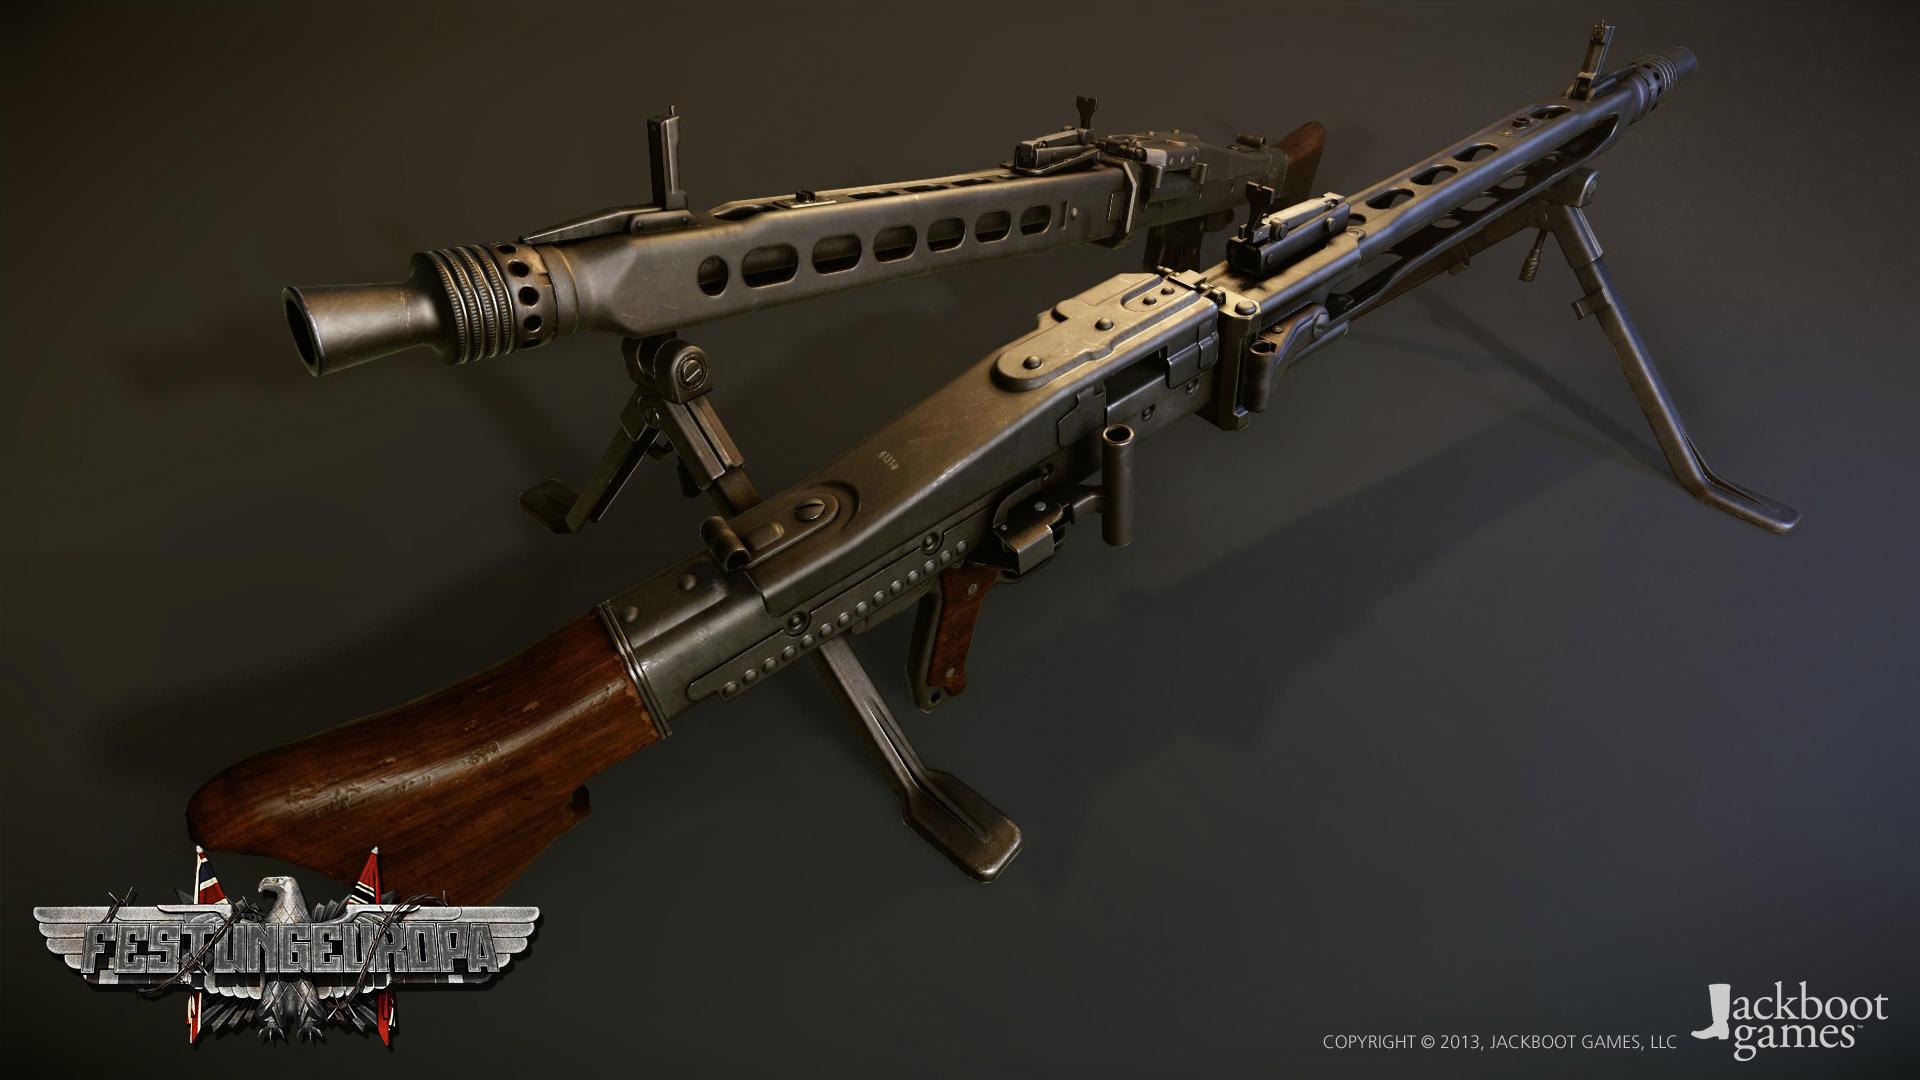 Maschinegewehr 42 Wallpaper: Maschinengewehr 42 #2 Image